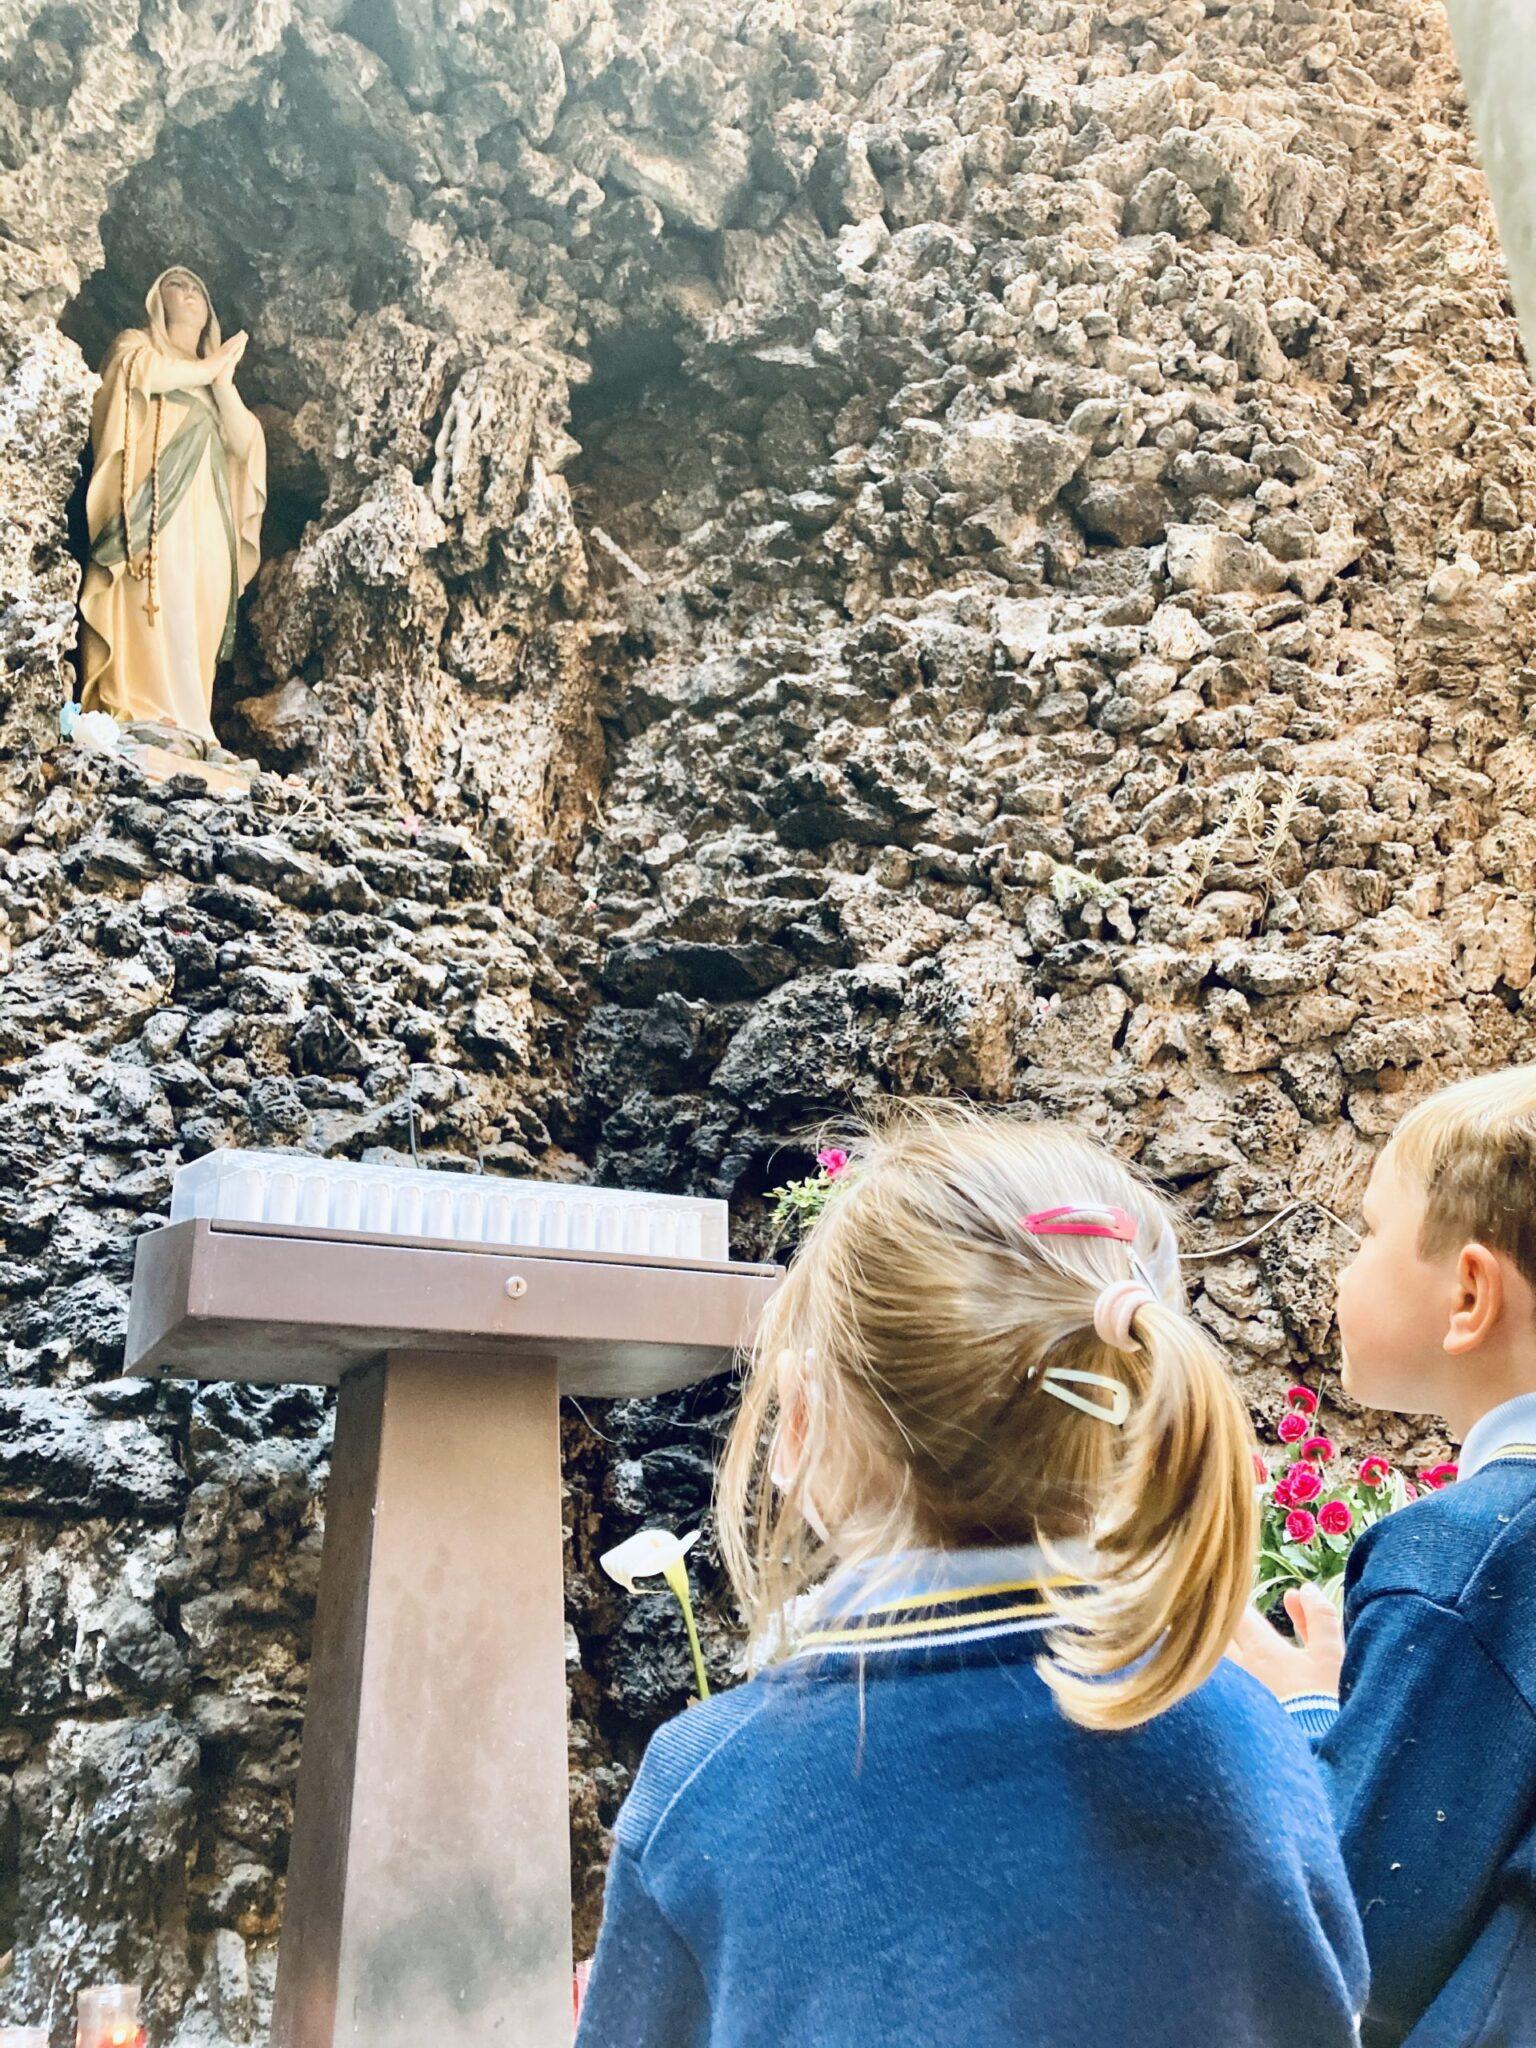 Departamento eclesiástico colegio virgen de las angustias granada